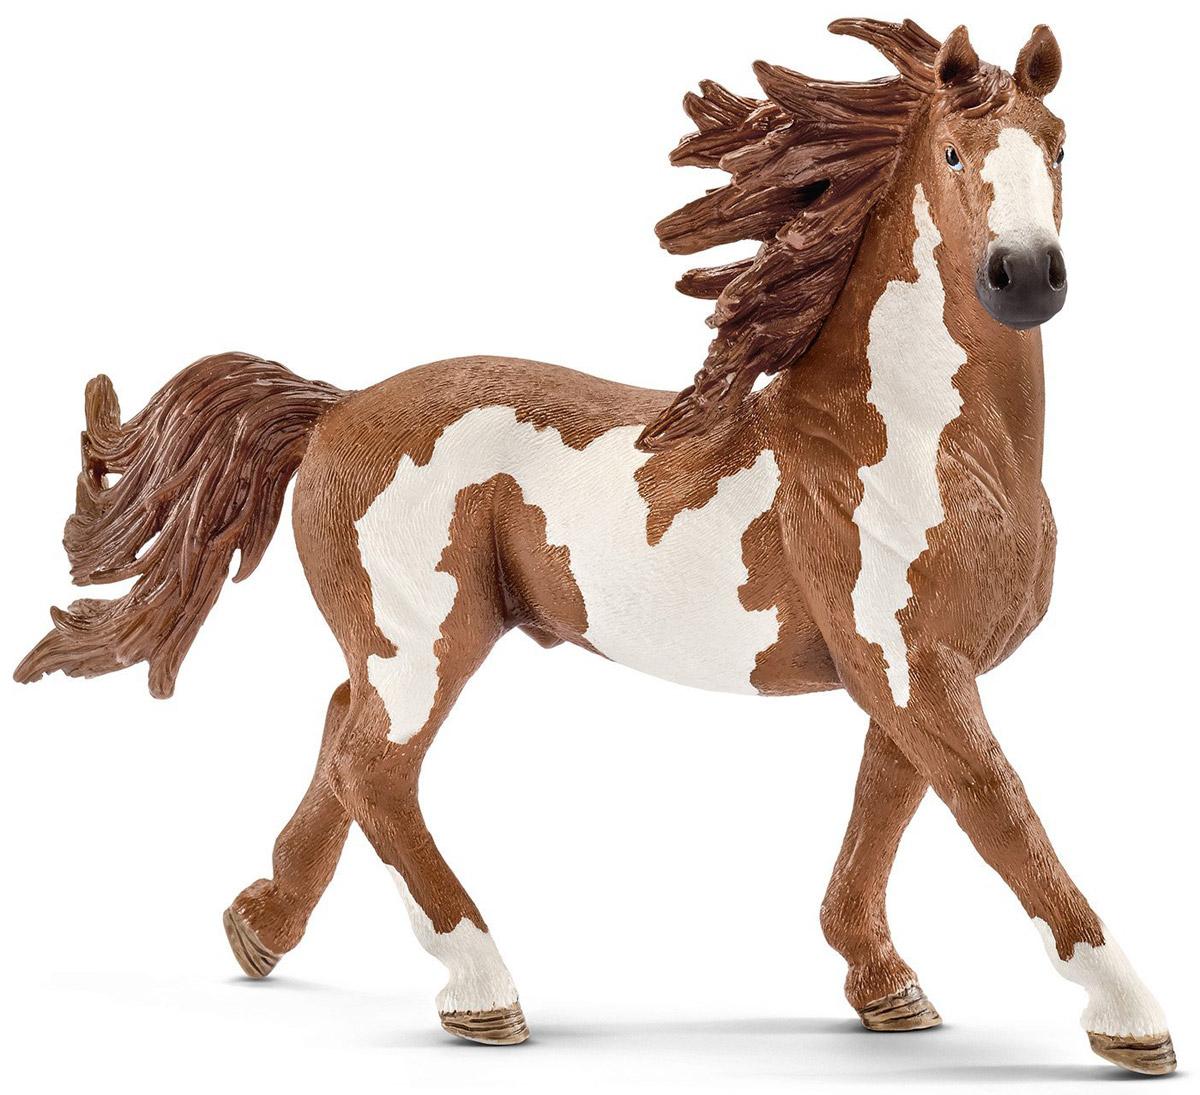 Schleich Фигурка Жеребец Пинто13794Фигурка Schleich Жеребец Пинто - яркая игрушка, которая станет прекрасным подарком и основой для игр вашего ребенка с лошадьми. Фигурки Schleich выполнены из безопасного для здоровья детей каучукового пластика с максимальной точностью, каждая фигурка раскрашивается вручную. Реалистичные фигурки детально точно воспроизводят настоящих животных, обитателей различных стран. Ребенок сможет изучать особенности их строения, поведения и питания. Фигурки Schleich - превосходный педагогический материал для использования дома и в образовательных учреждениях. Популярные в США лошади породы Пинто отличаются резвостью и ярким окрасом. Ученые США внимательно изучают окрас, характерные особенности и поведение лошадей Пинто.